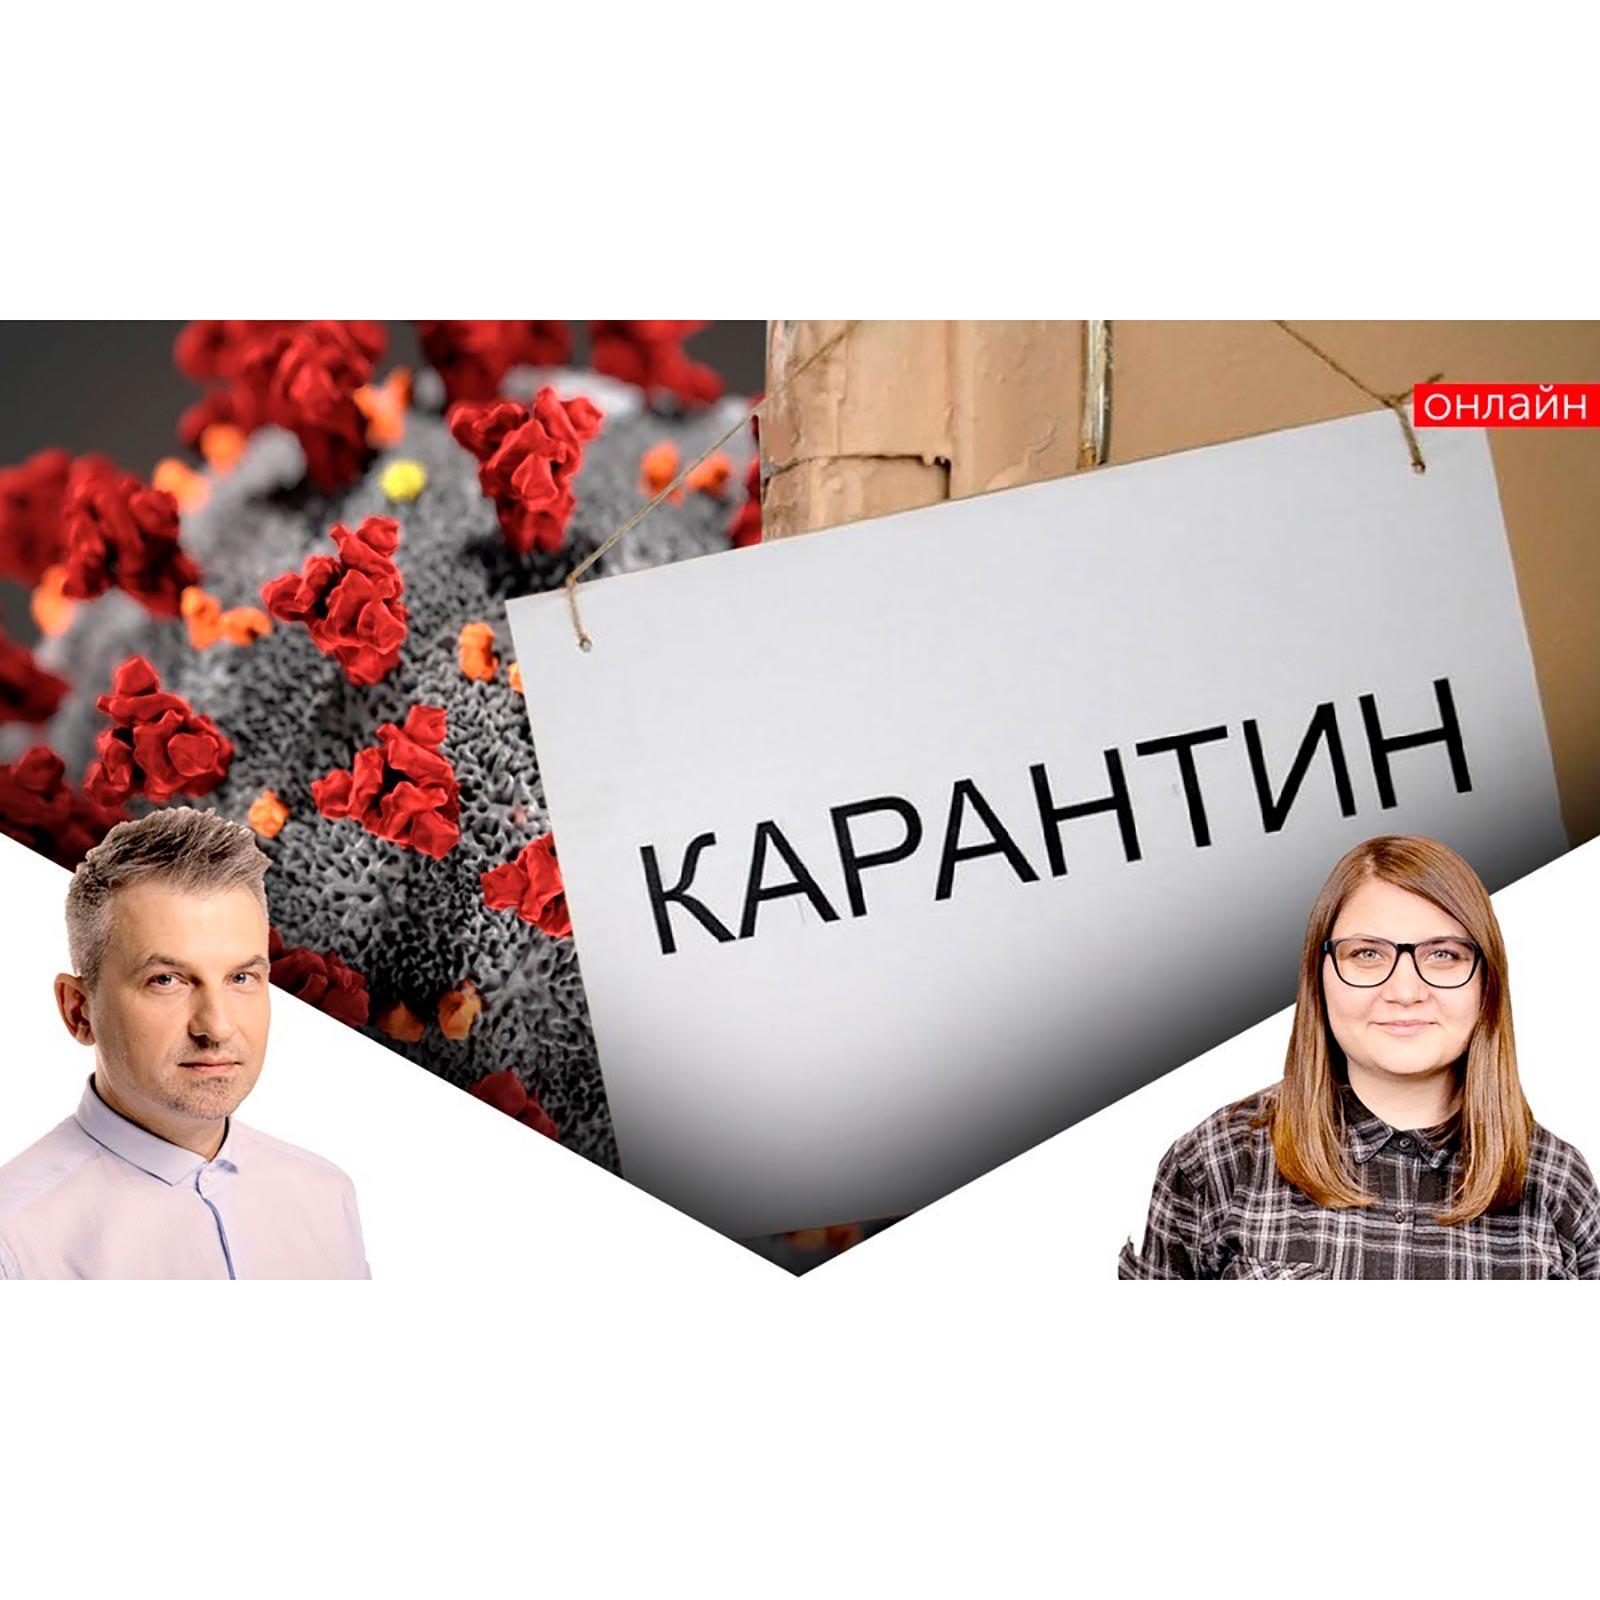 В Україні карантин, а в Росії – Путін. Як боротися з заразою?